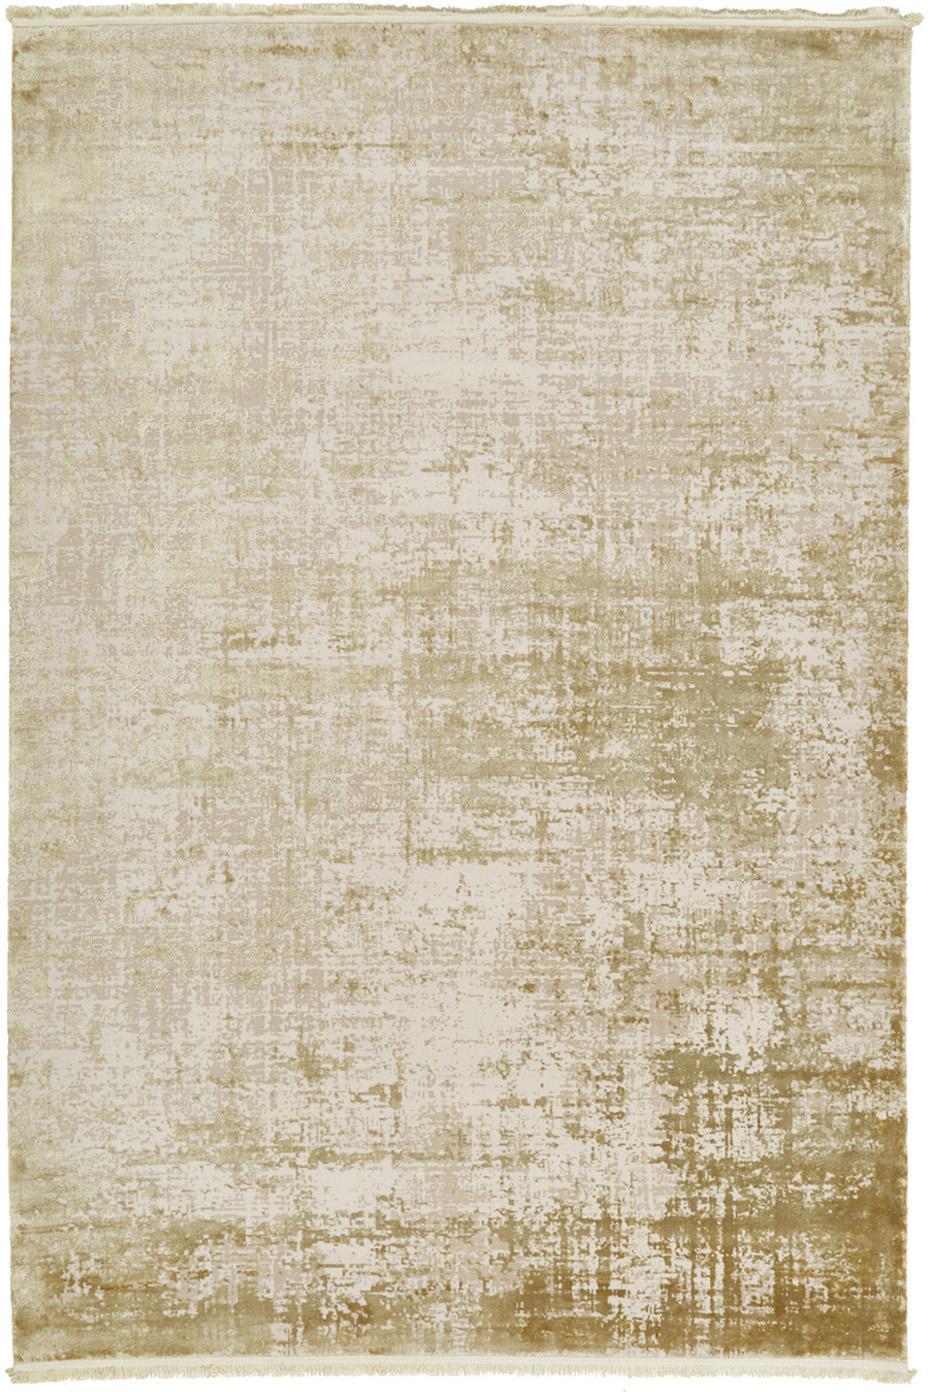 Alfombra con flecos Cordoba, estilo vintage, Parte superior: 70%acrílico, 30%viscosa, Reverso: algodón, Verde oliva, beige, An 160 x L 230 cm (Tamaño M)